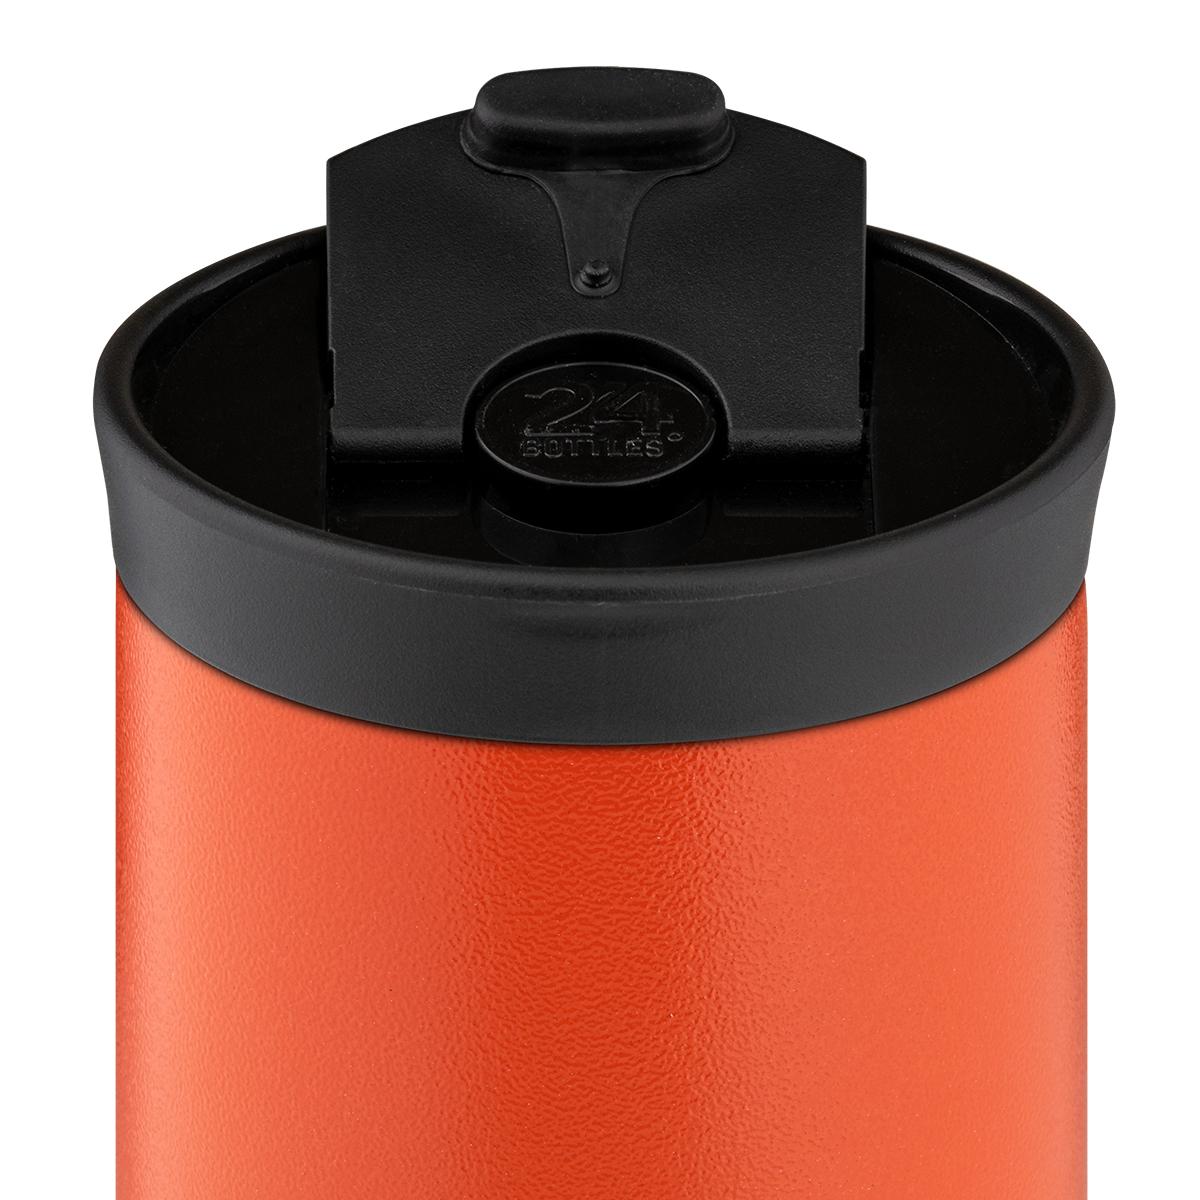 ボトル本体は、真空層を挟んだ、二層ステンレス製。コーヒーや紅茶は温かいまま、水やスポーツドリンクは冷たいまま、おいしい温度をキープできます。毎日持ち歩きたくなる、色柄豊富なイタリアンデザインのマイボトル|24Bottles(トゥエンティーフォーボトルズ)